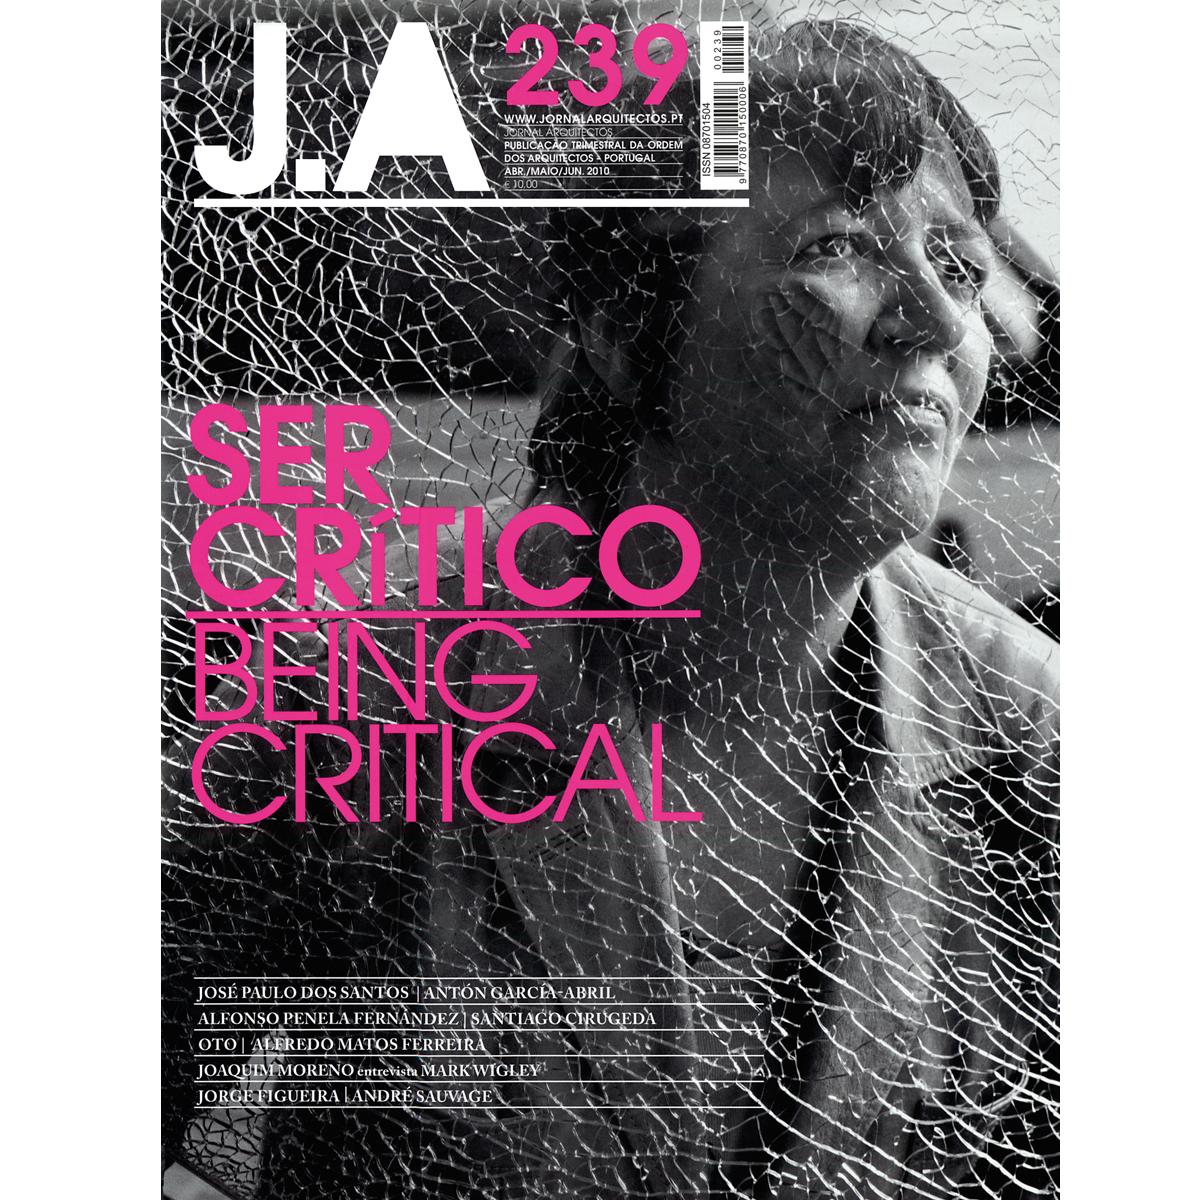 JA: Ser crítico